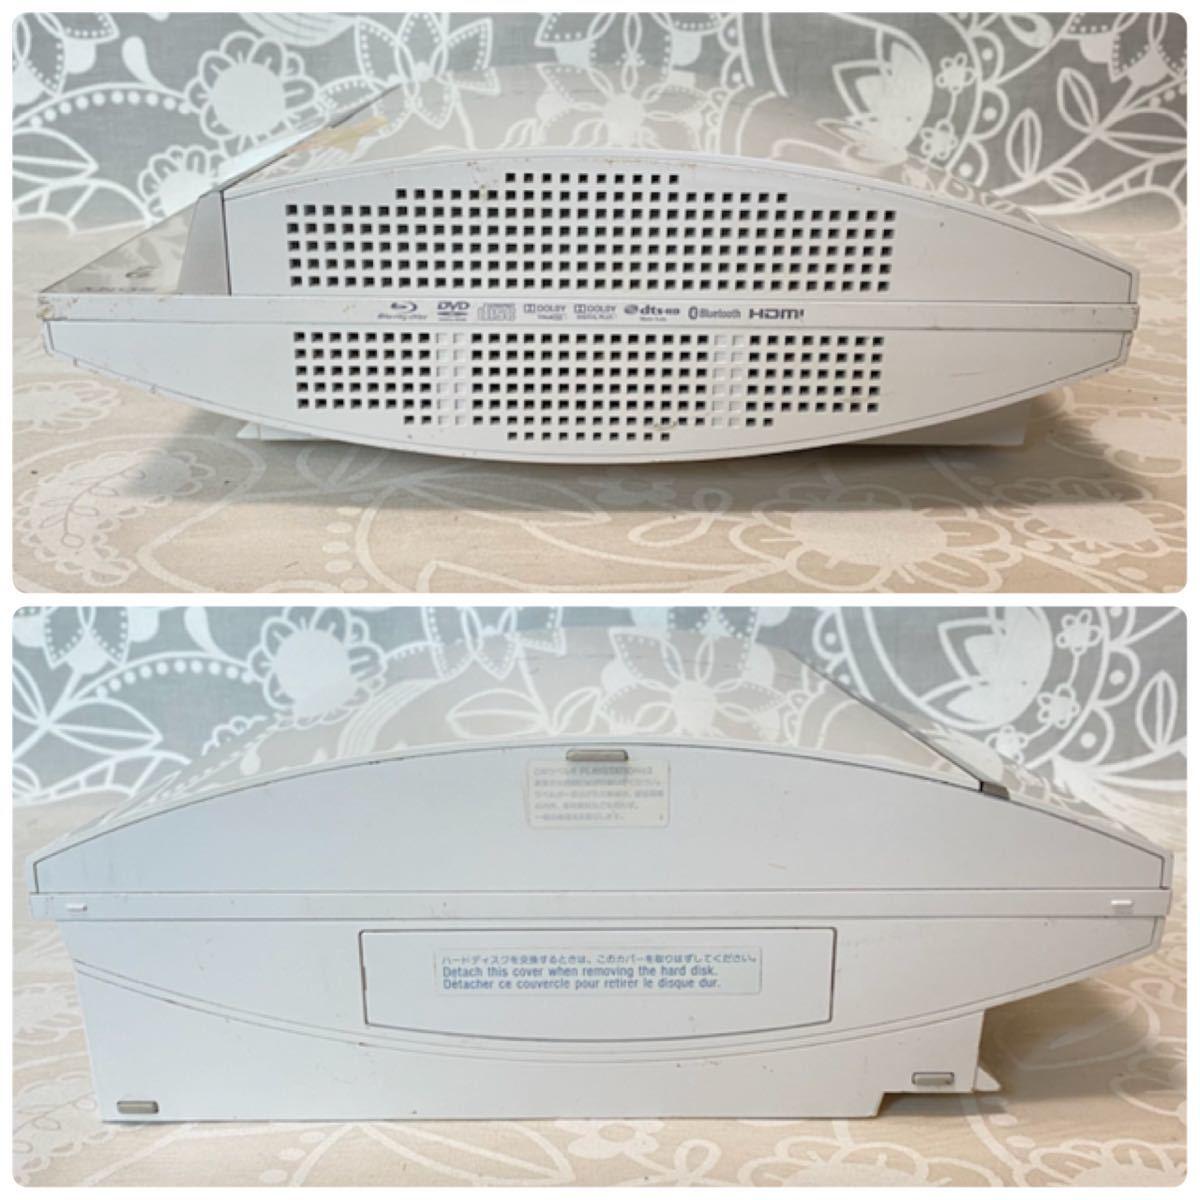 【動作OK】PS3 CECHL00 80GB ホワイト 初期型 プレステ3 PlayStation プレイステーション SONY Blu-ray DVD 【本体のみ】